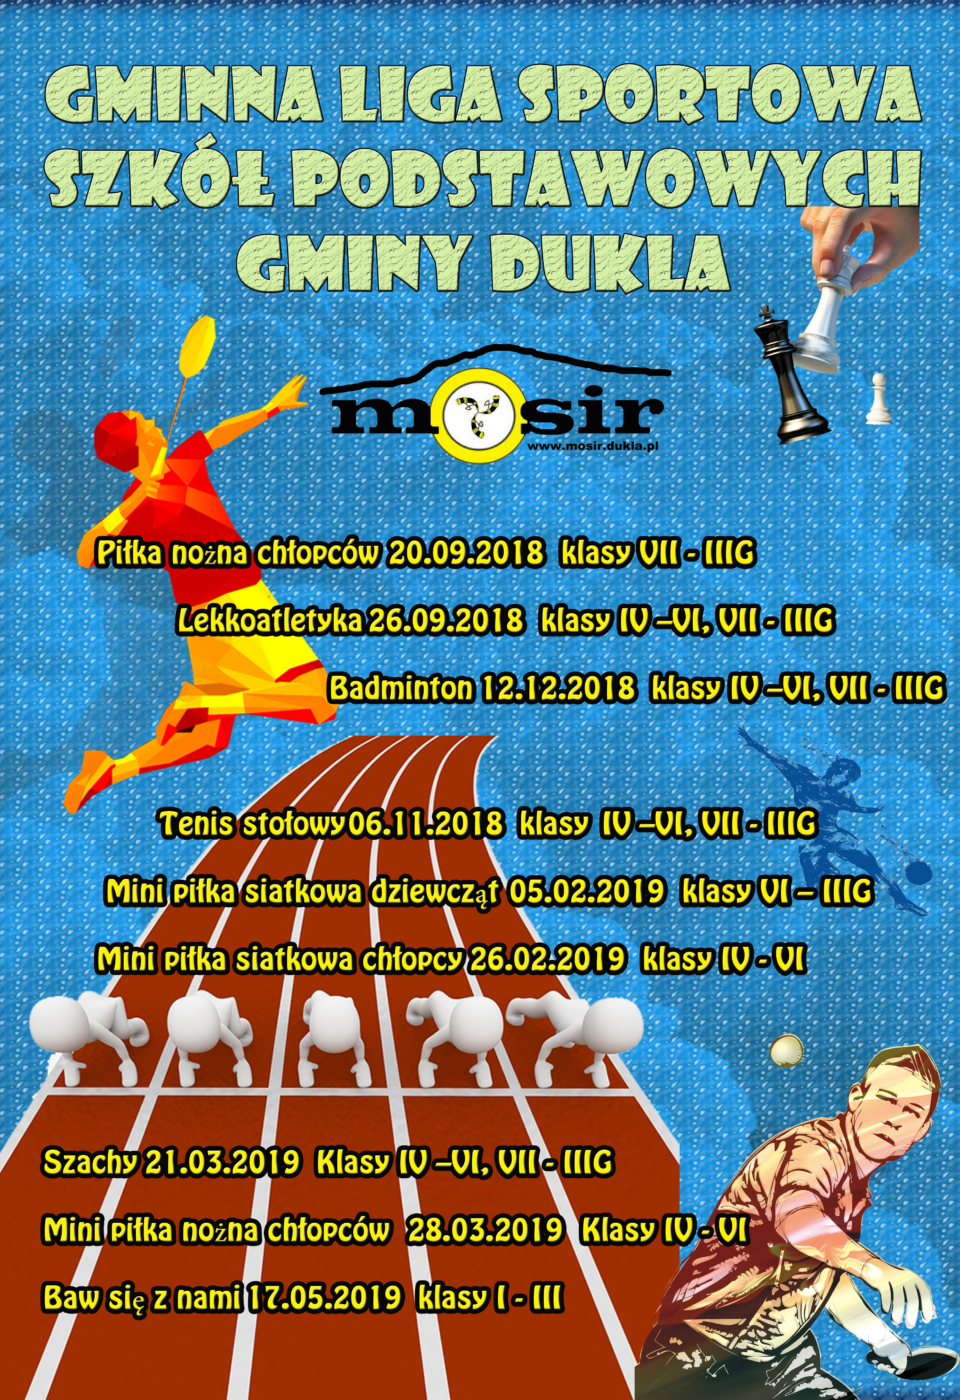 Liga sportowa gmina Dukla